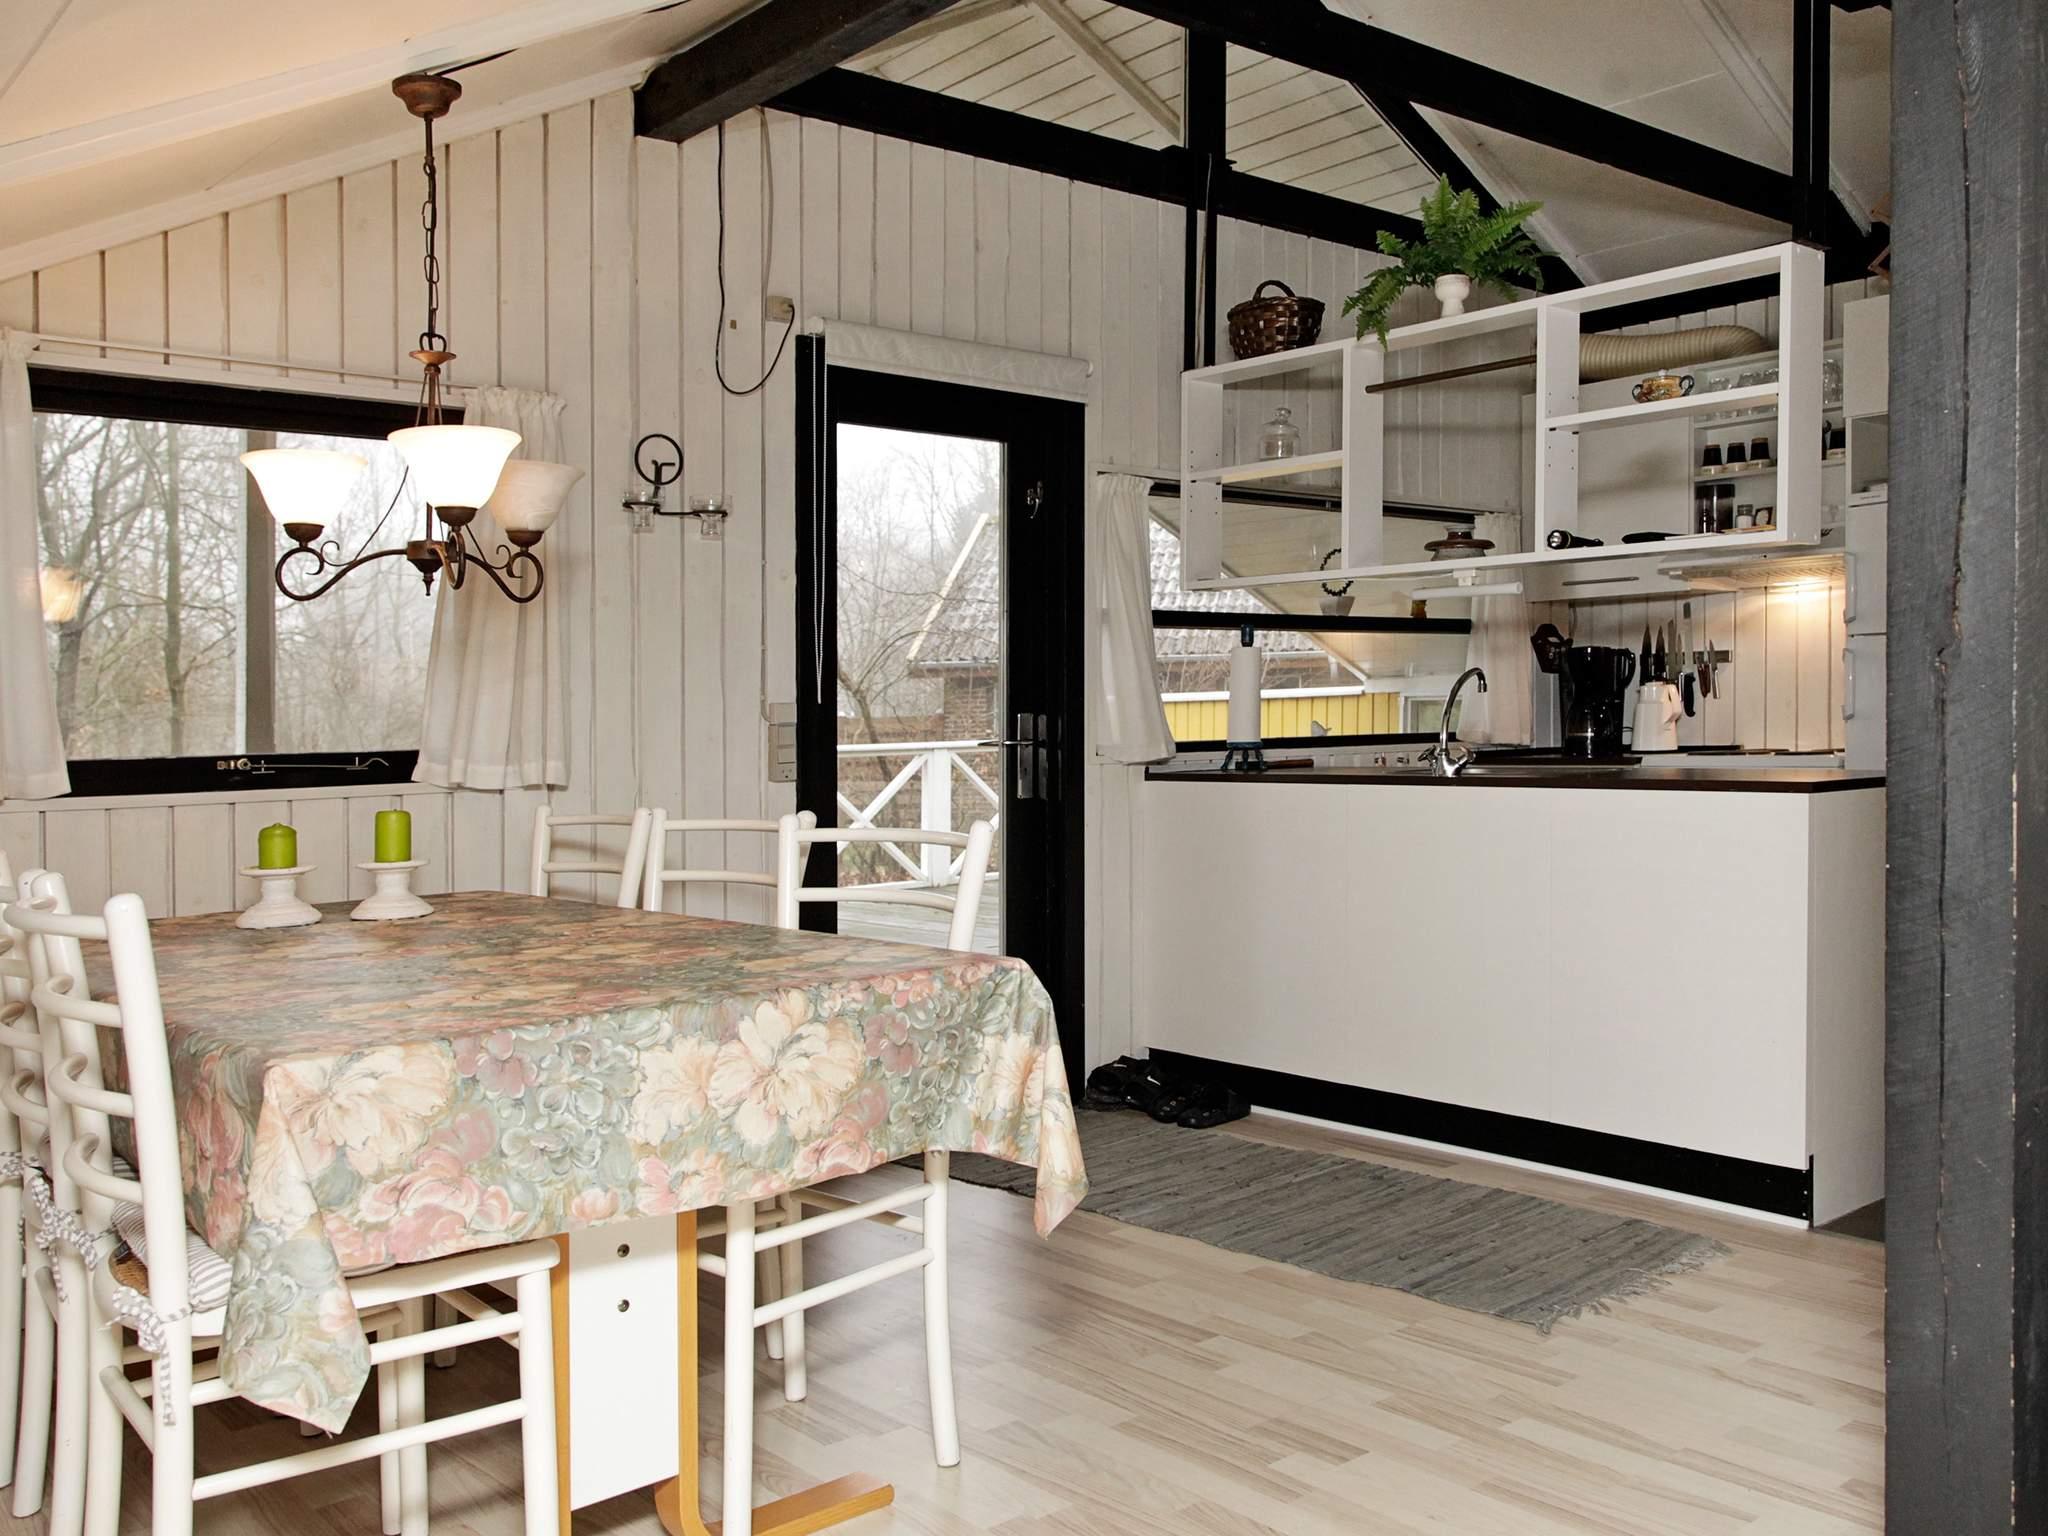 Ferienhaus Arrild (87701), Arrild, , Südjütland, Dänemark, Bild 5